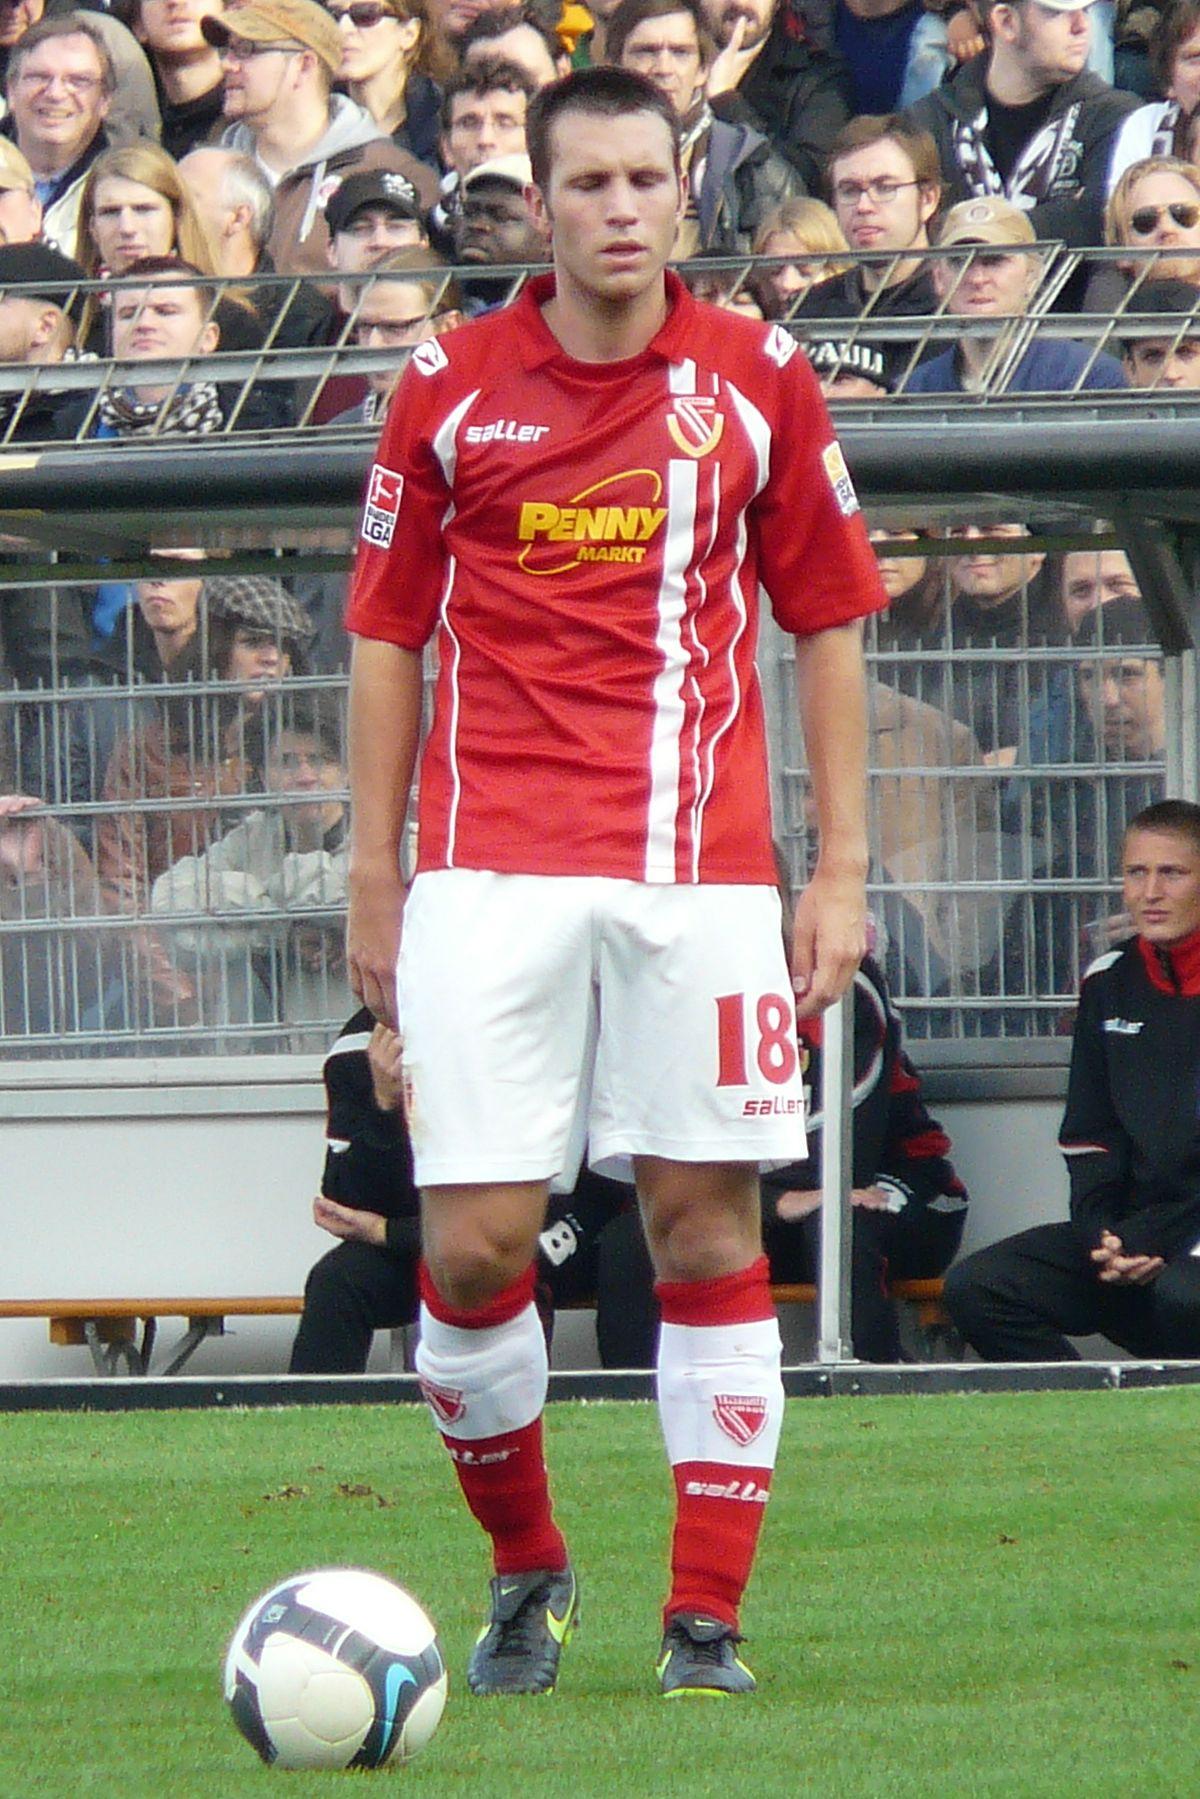 Marc Andre Kruska